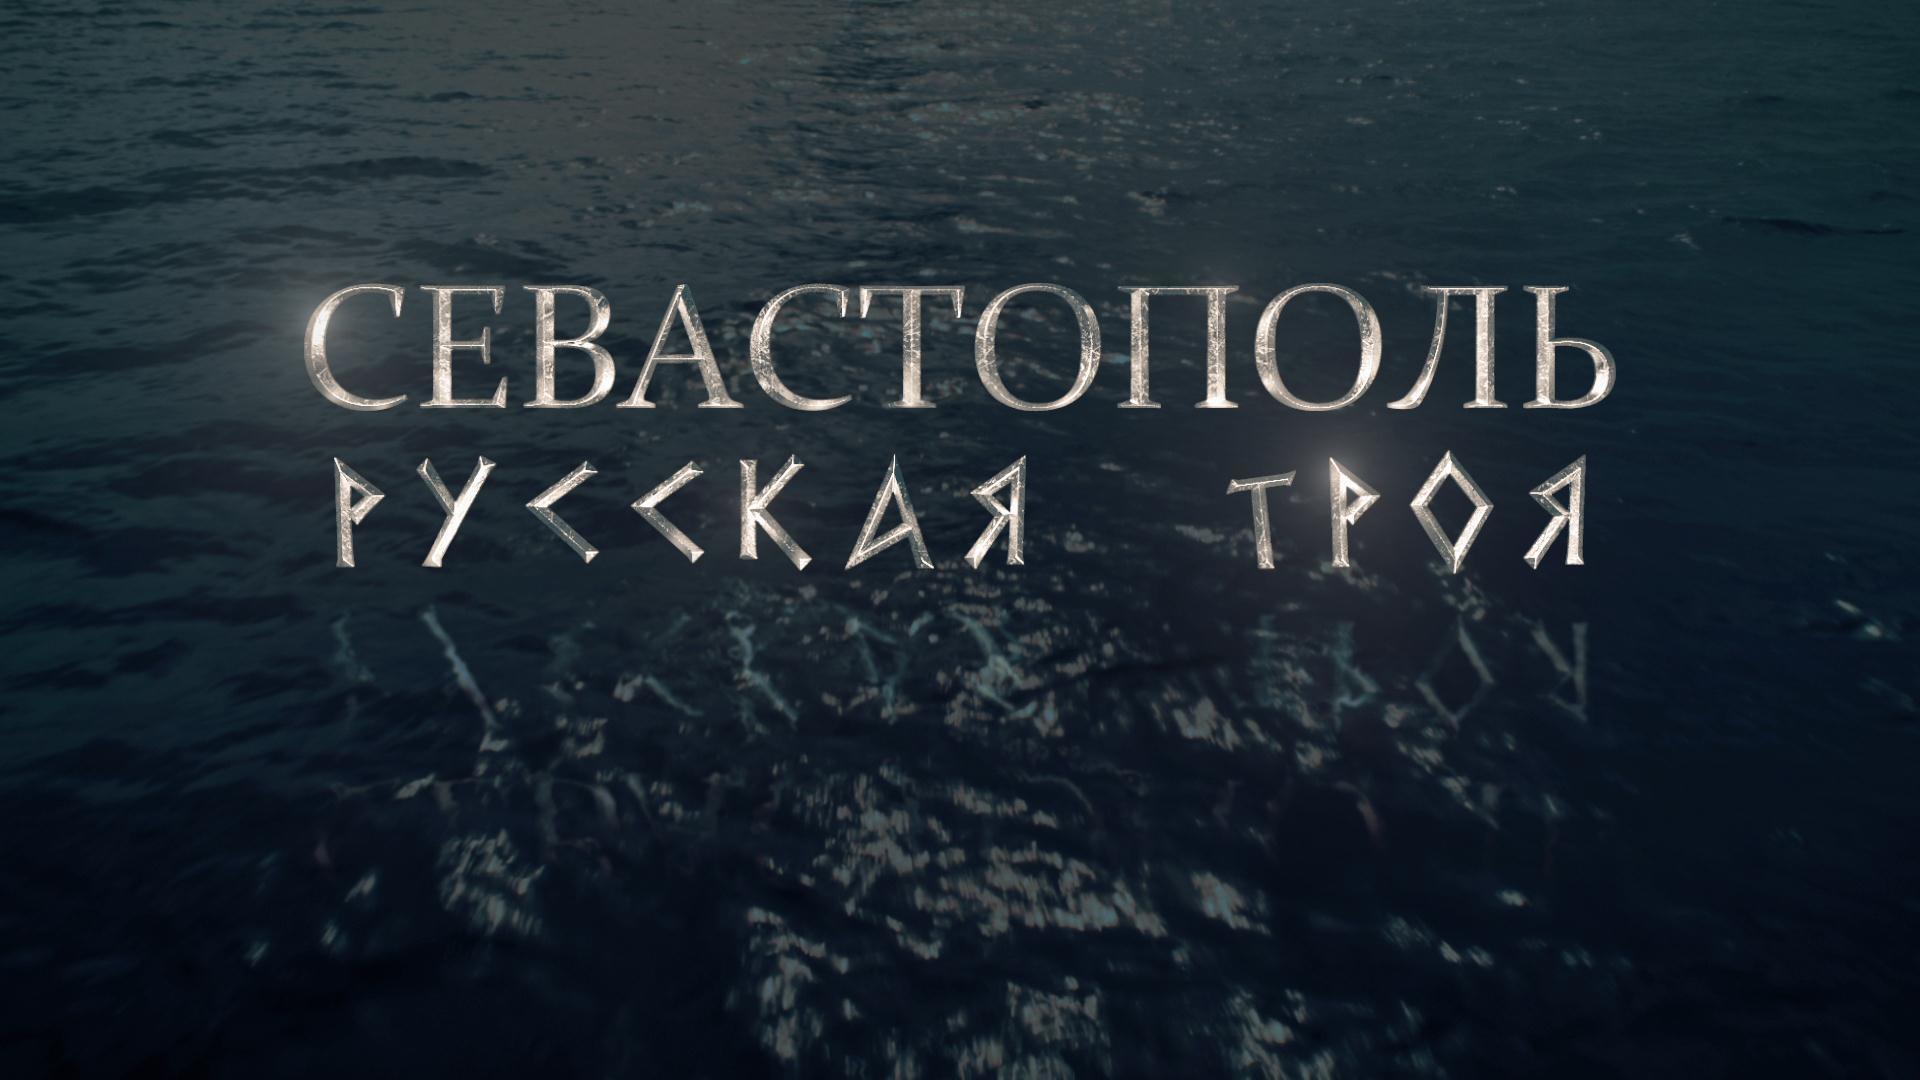 Севастополь. Русская Троя